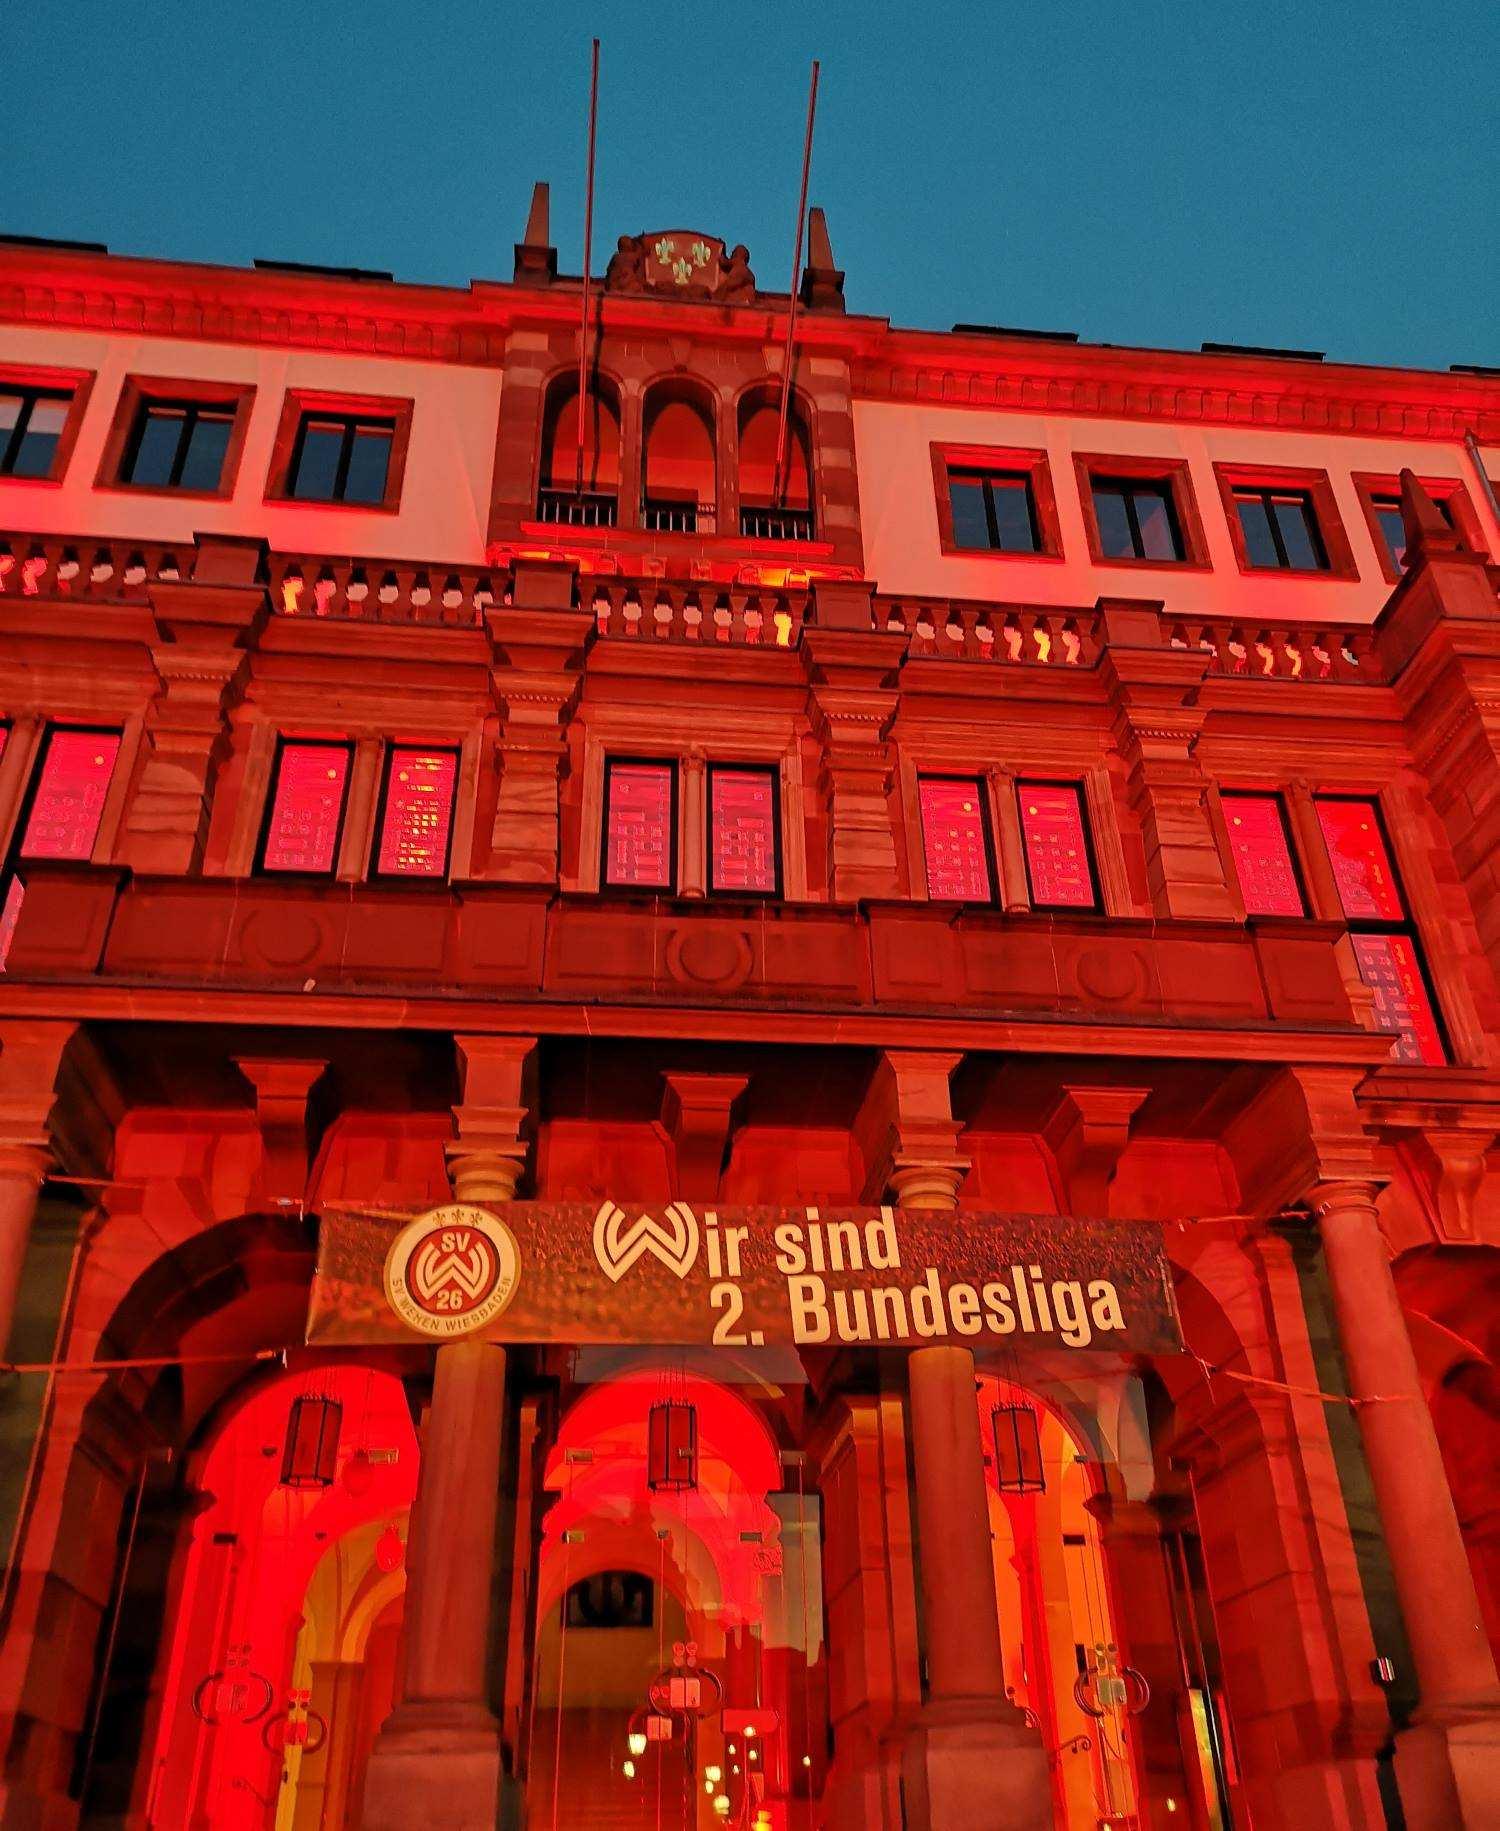 Wiesbaden Rathaus rot angeleuchtet mit Werbung für SVWW Fußballverein der 2. Bundesliga